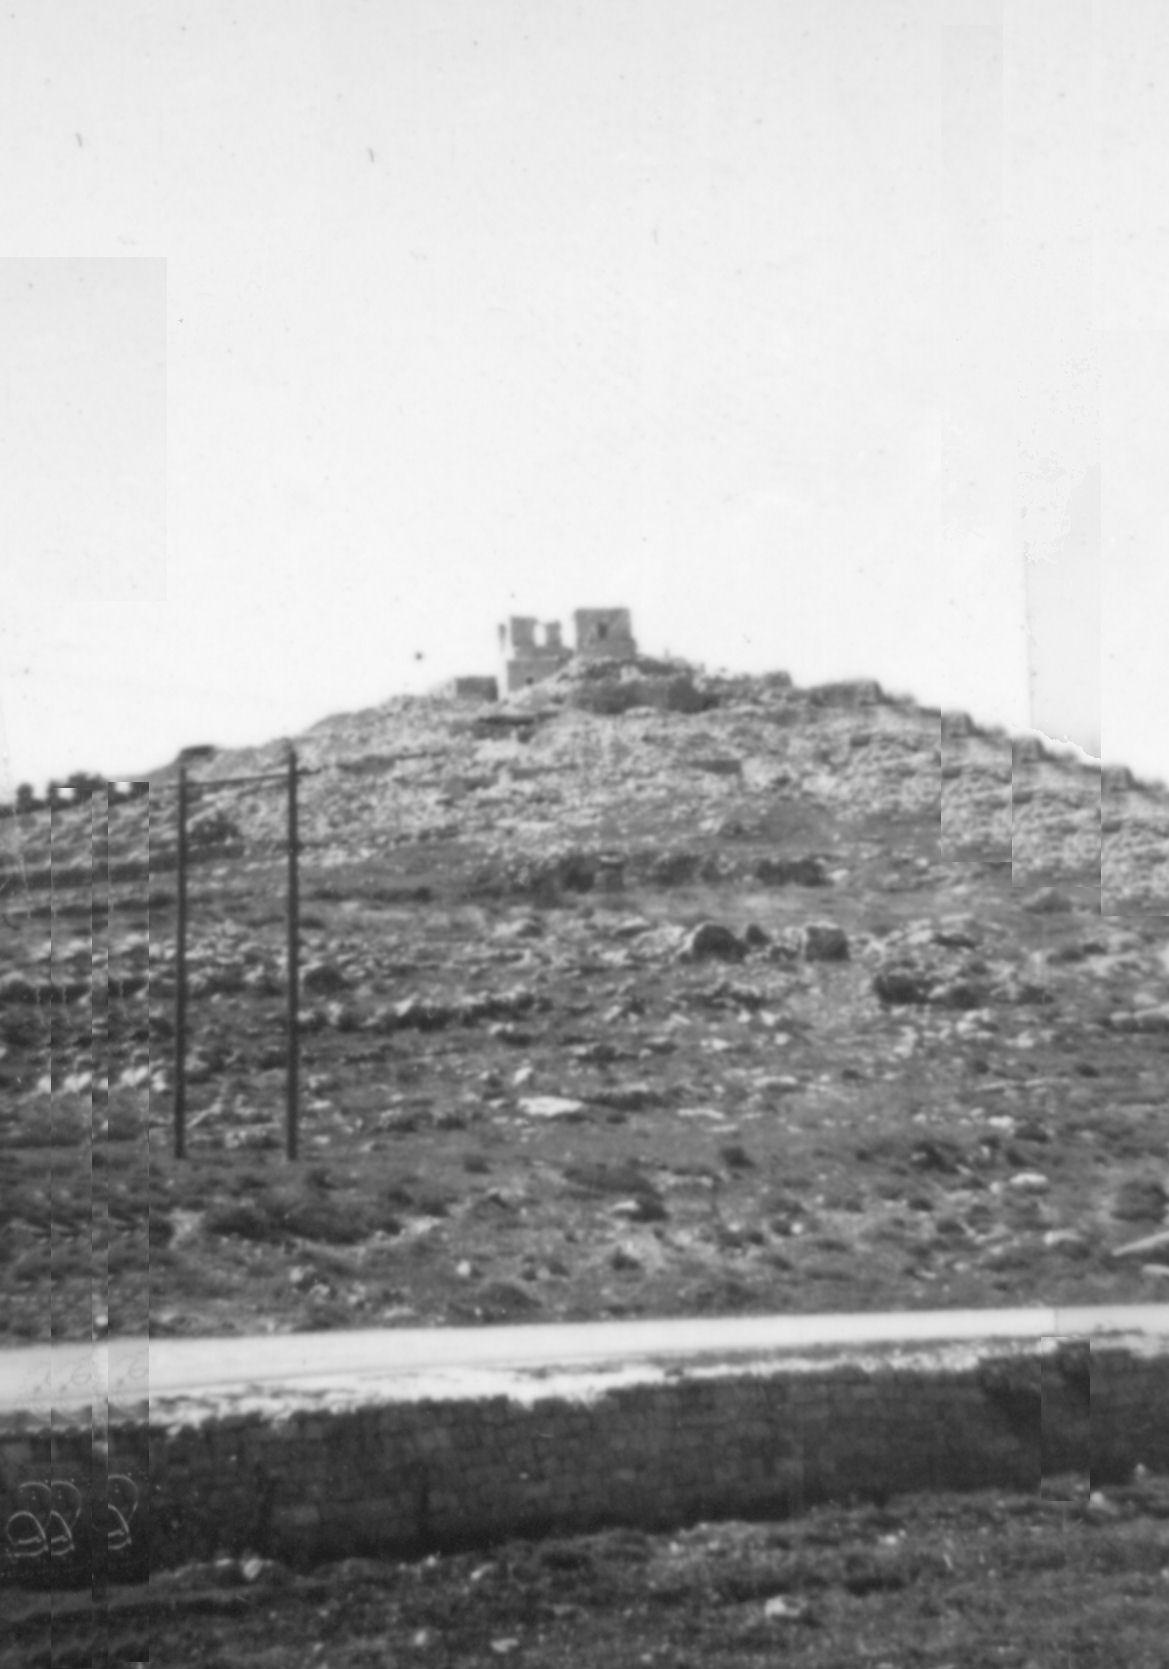 הקסטל ב-1955